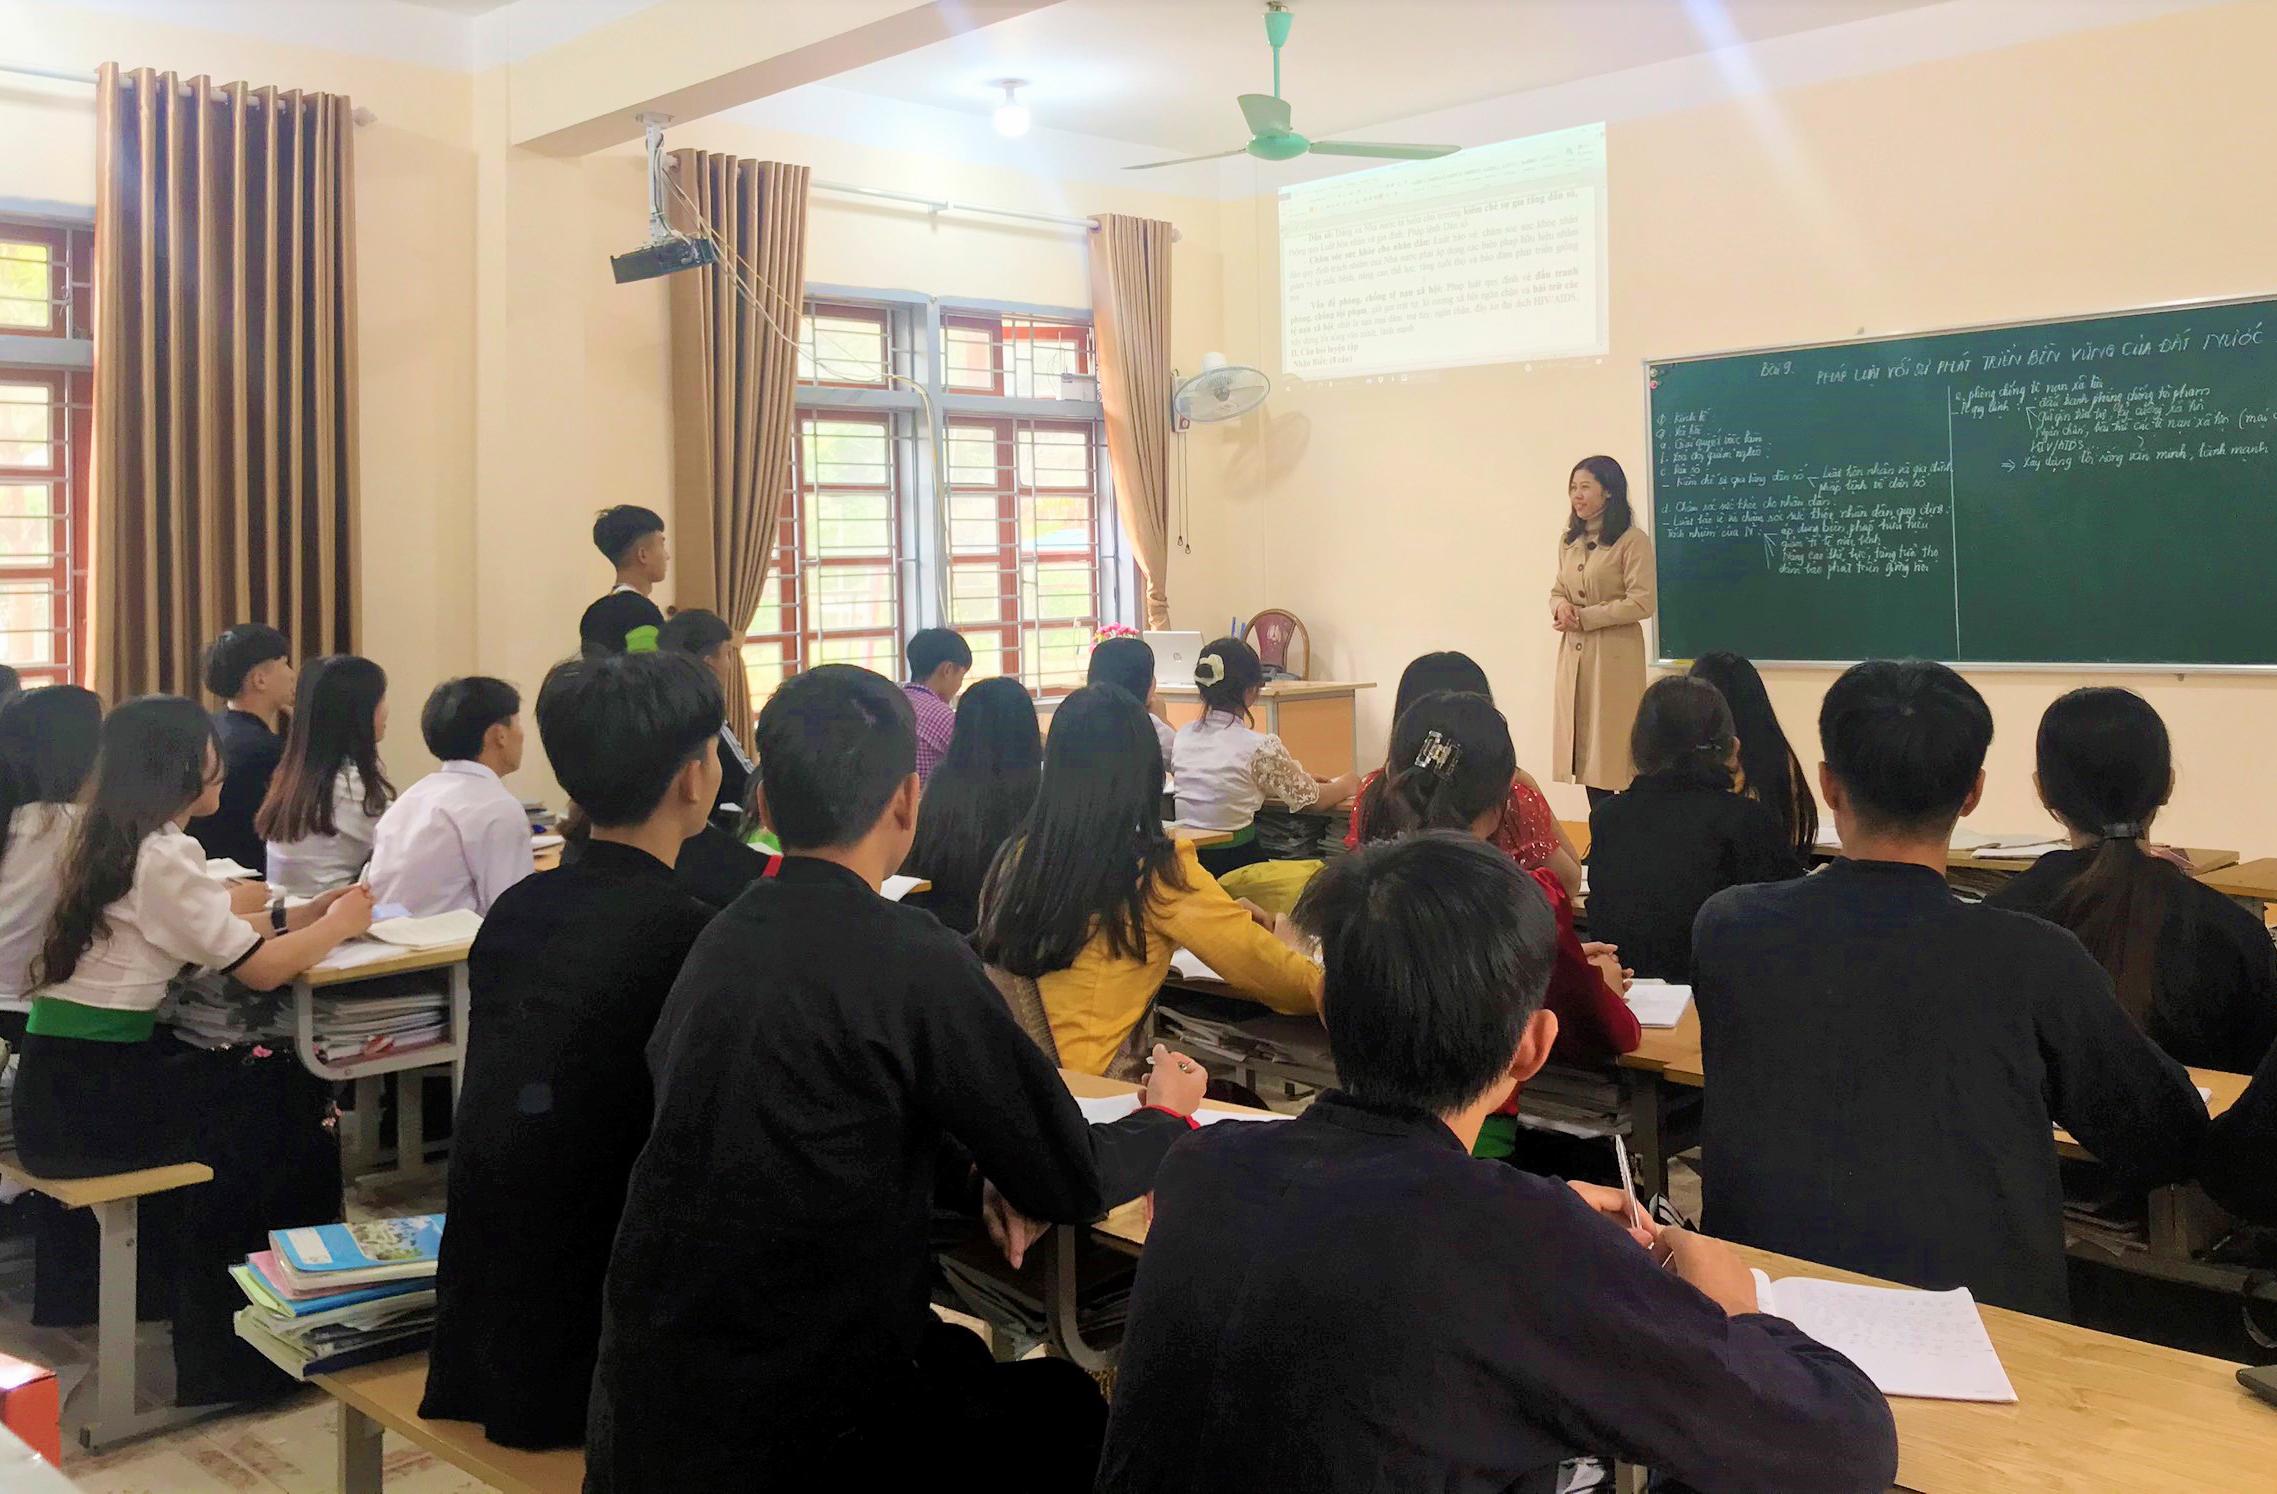 Các em học sinh trường PTDTNT tỉnh Sơn La mặc trang phục dân tộc khi đến lớp